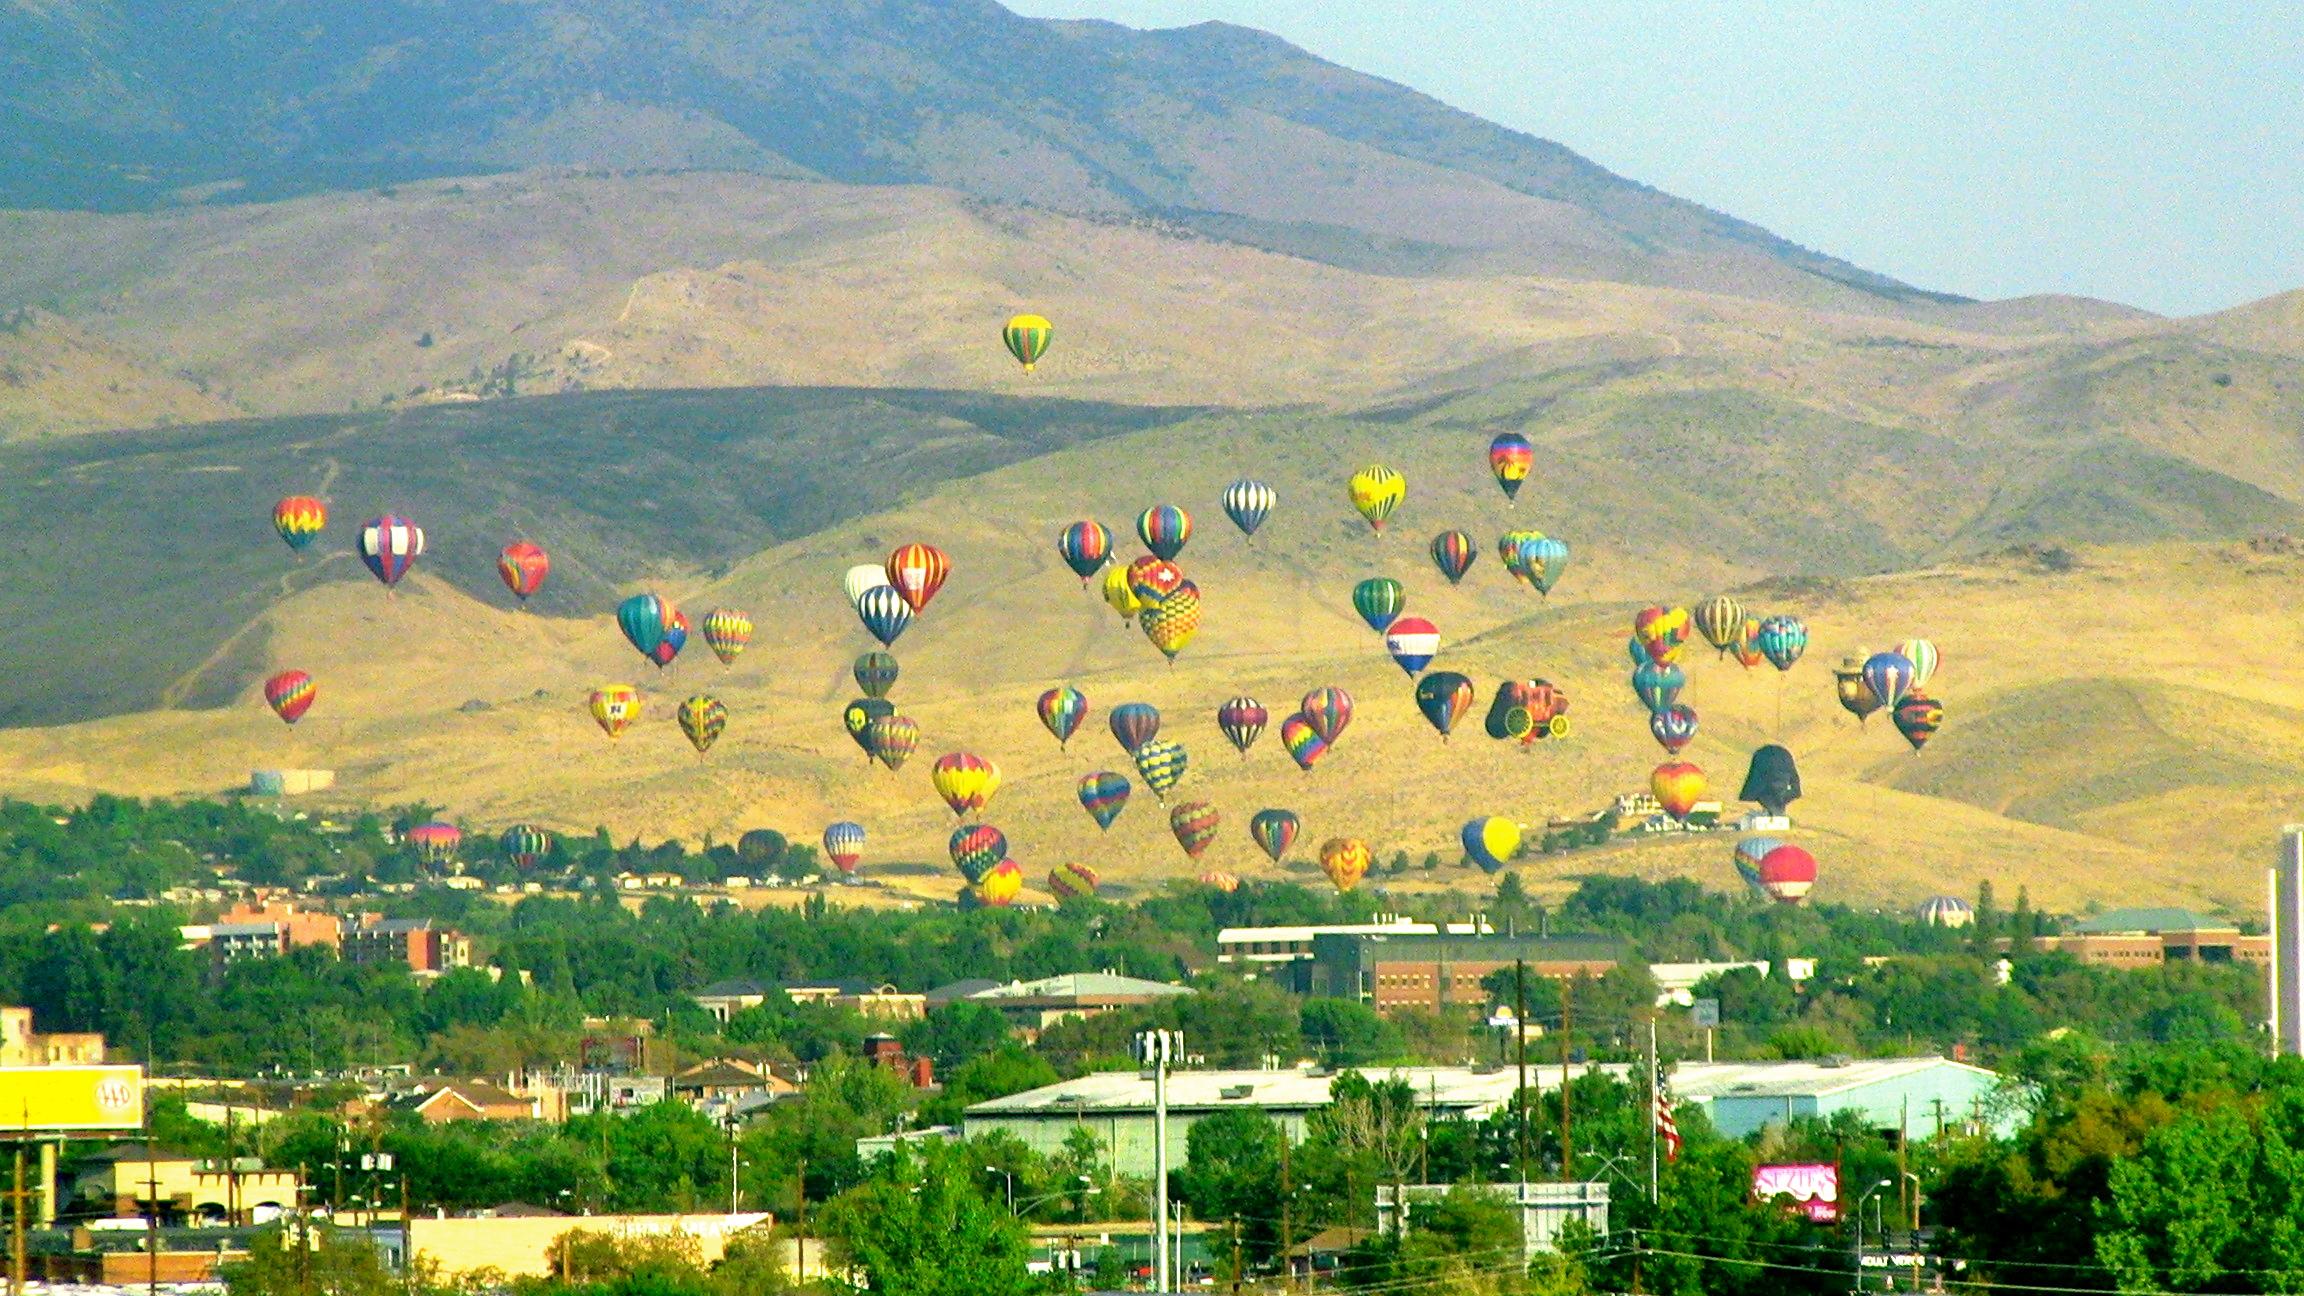 the great reno balloon race wikipedia